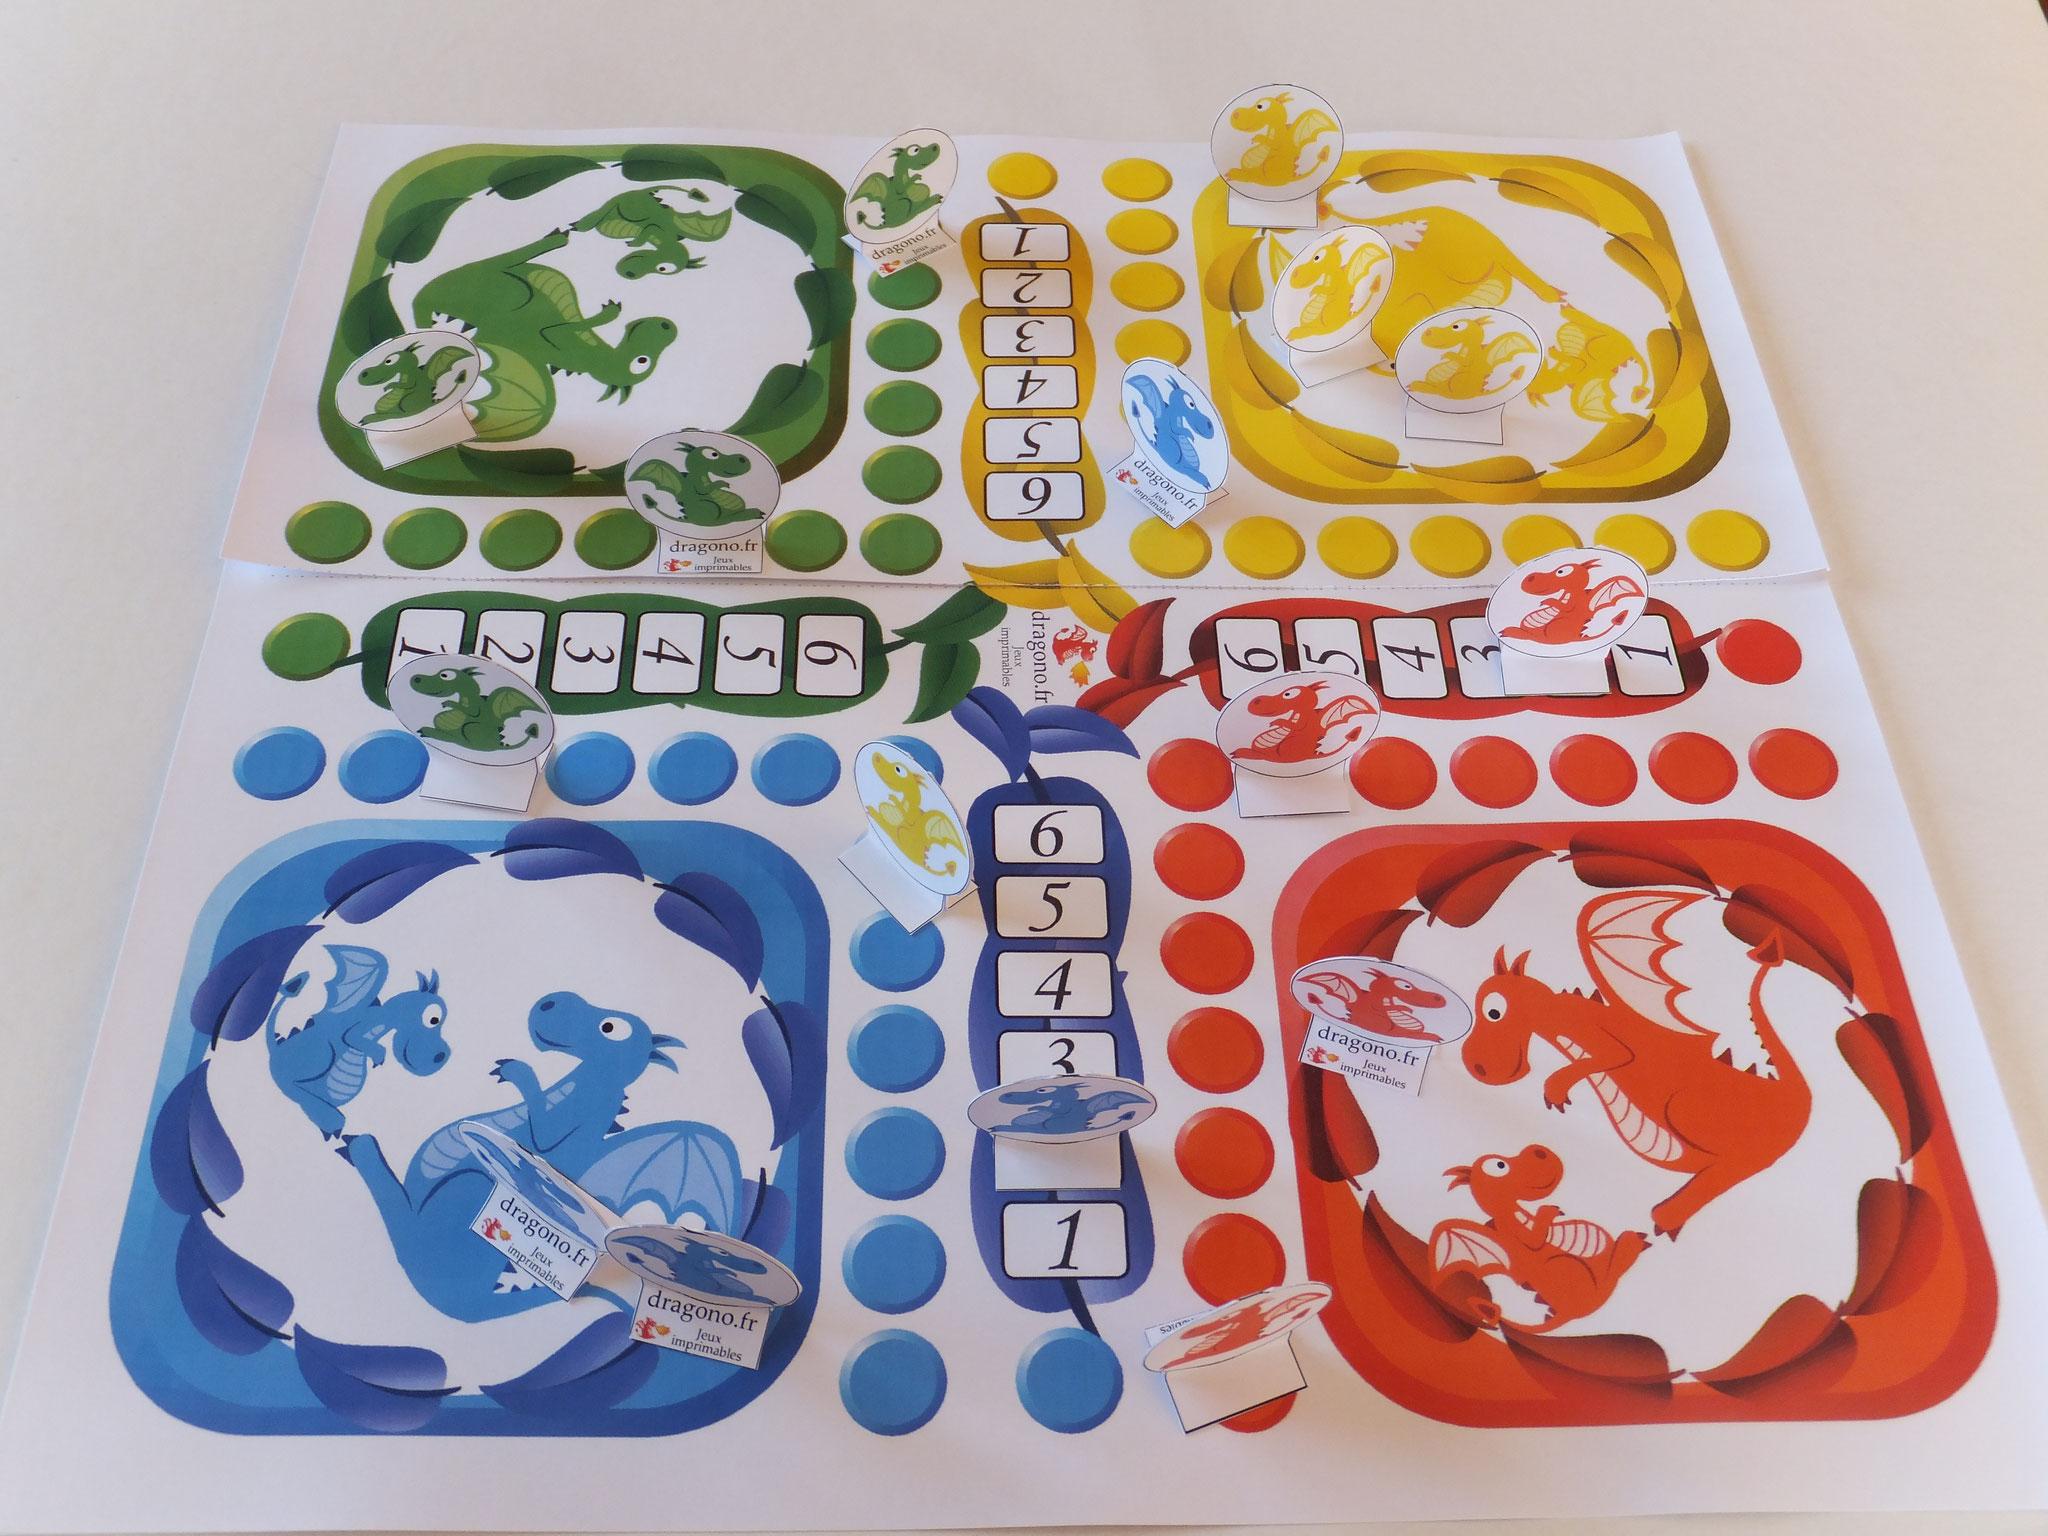 Jeux A Imprimer Pour Enfants, Famille, Ludiques, Éducatifs dedans Jeux Des Différences À Imprimer Pour Adultes